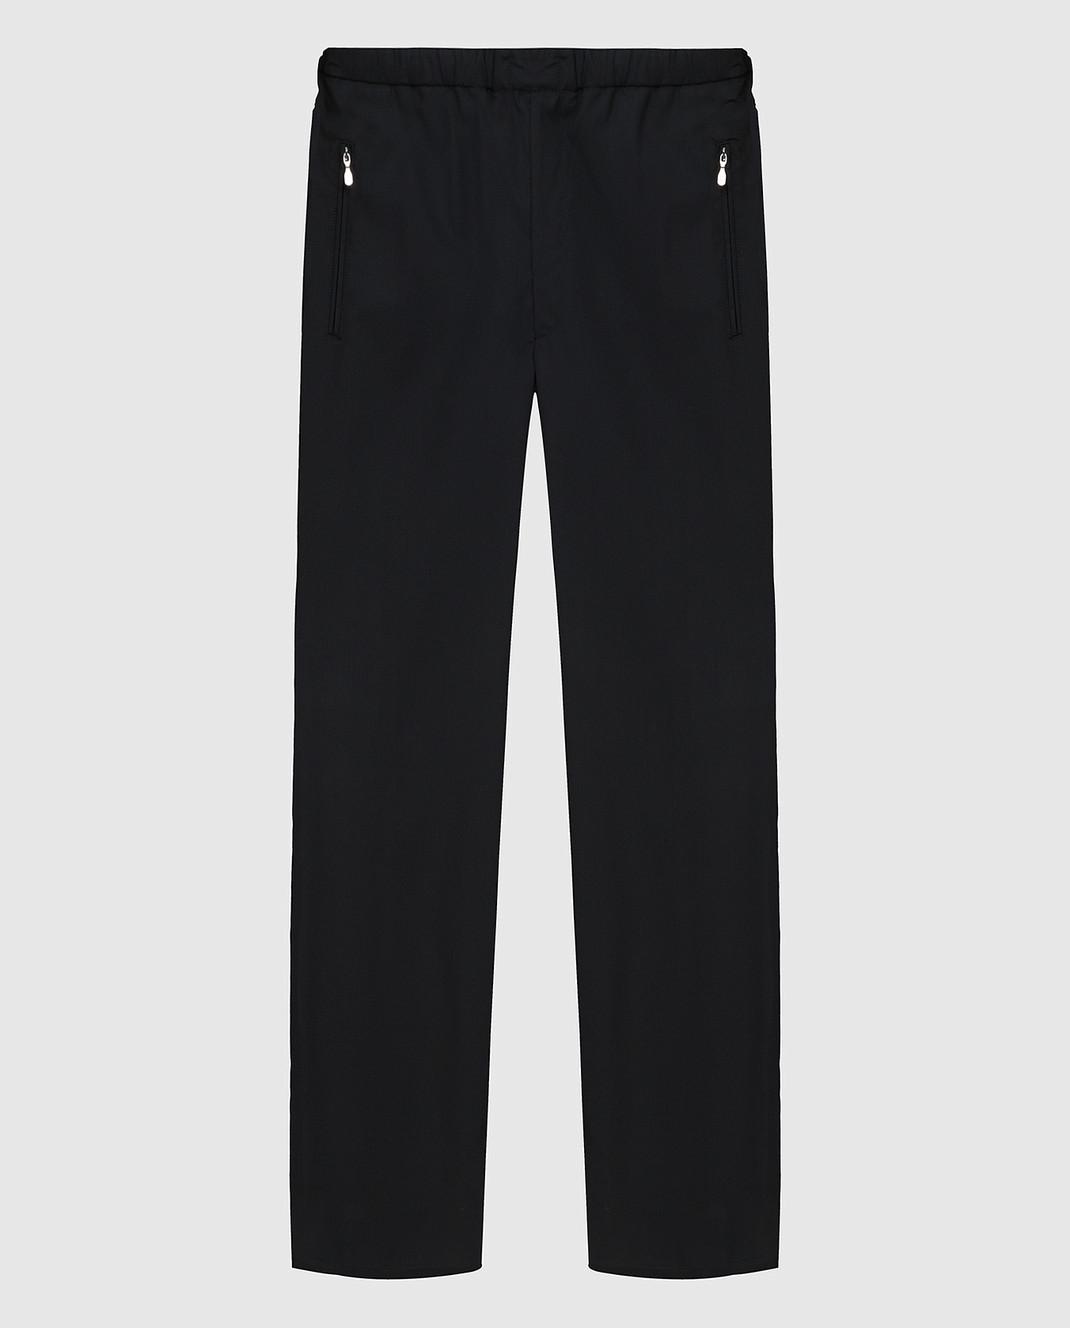 Castello d'Oro Черные брюки из шерсти изображение 1